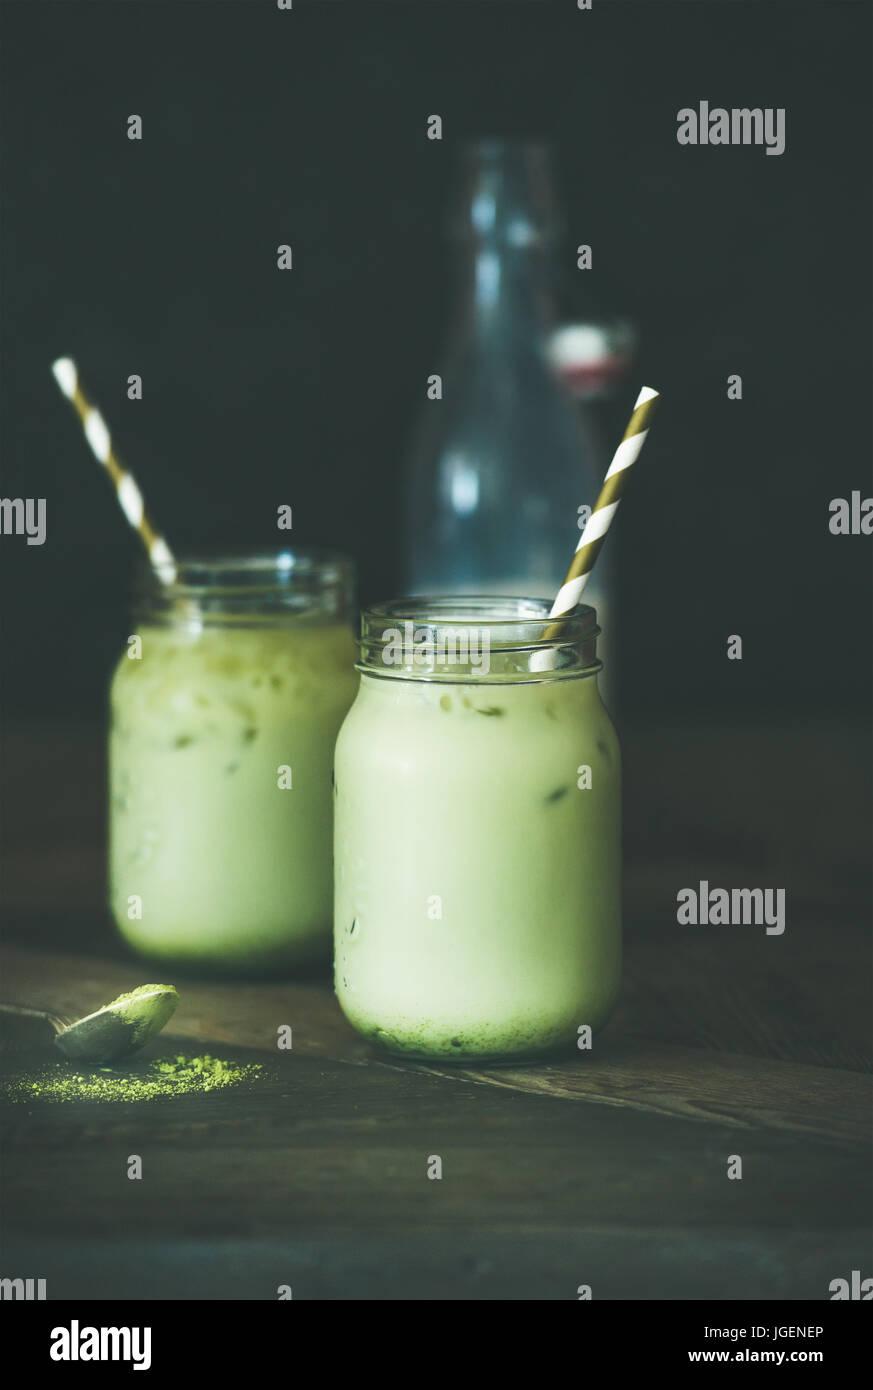 Coco helado refrescante matcha latte bebida en tarros, mesa de madera Imagen De Stock